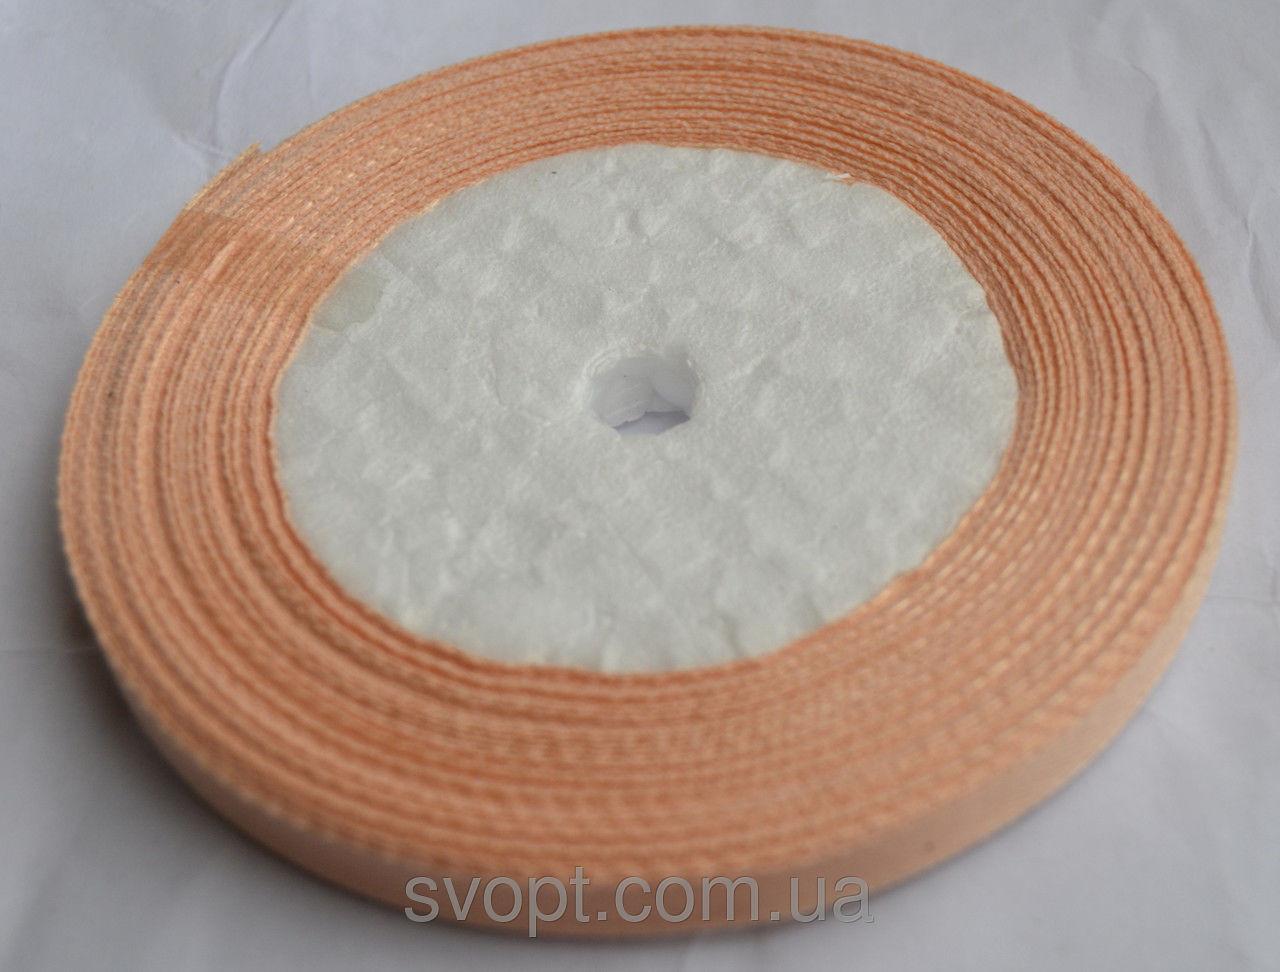 Лента атласная 0.6 см (цвет 155)